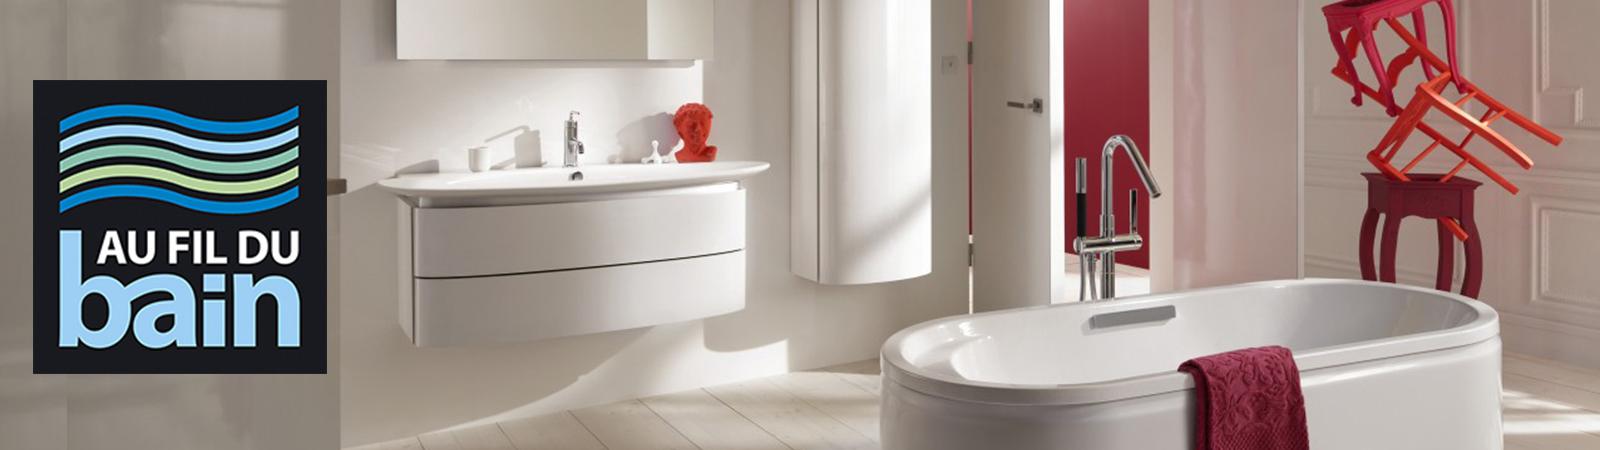 Au fil du bain - Sanitaire - Salle de bain - Pons - Saintes